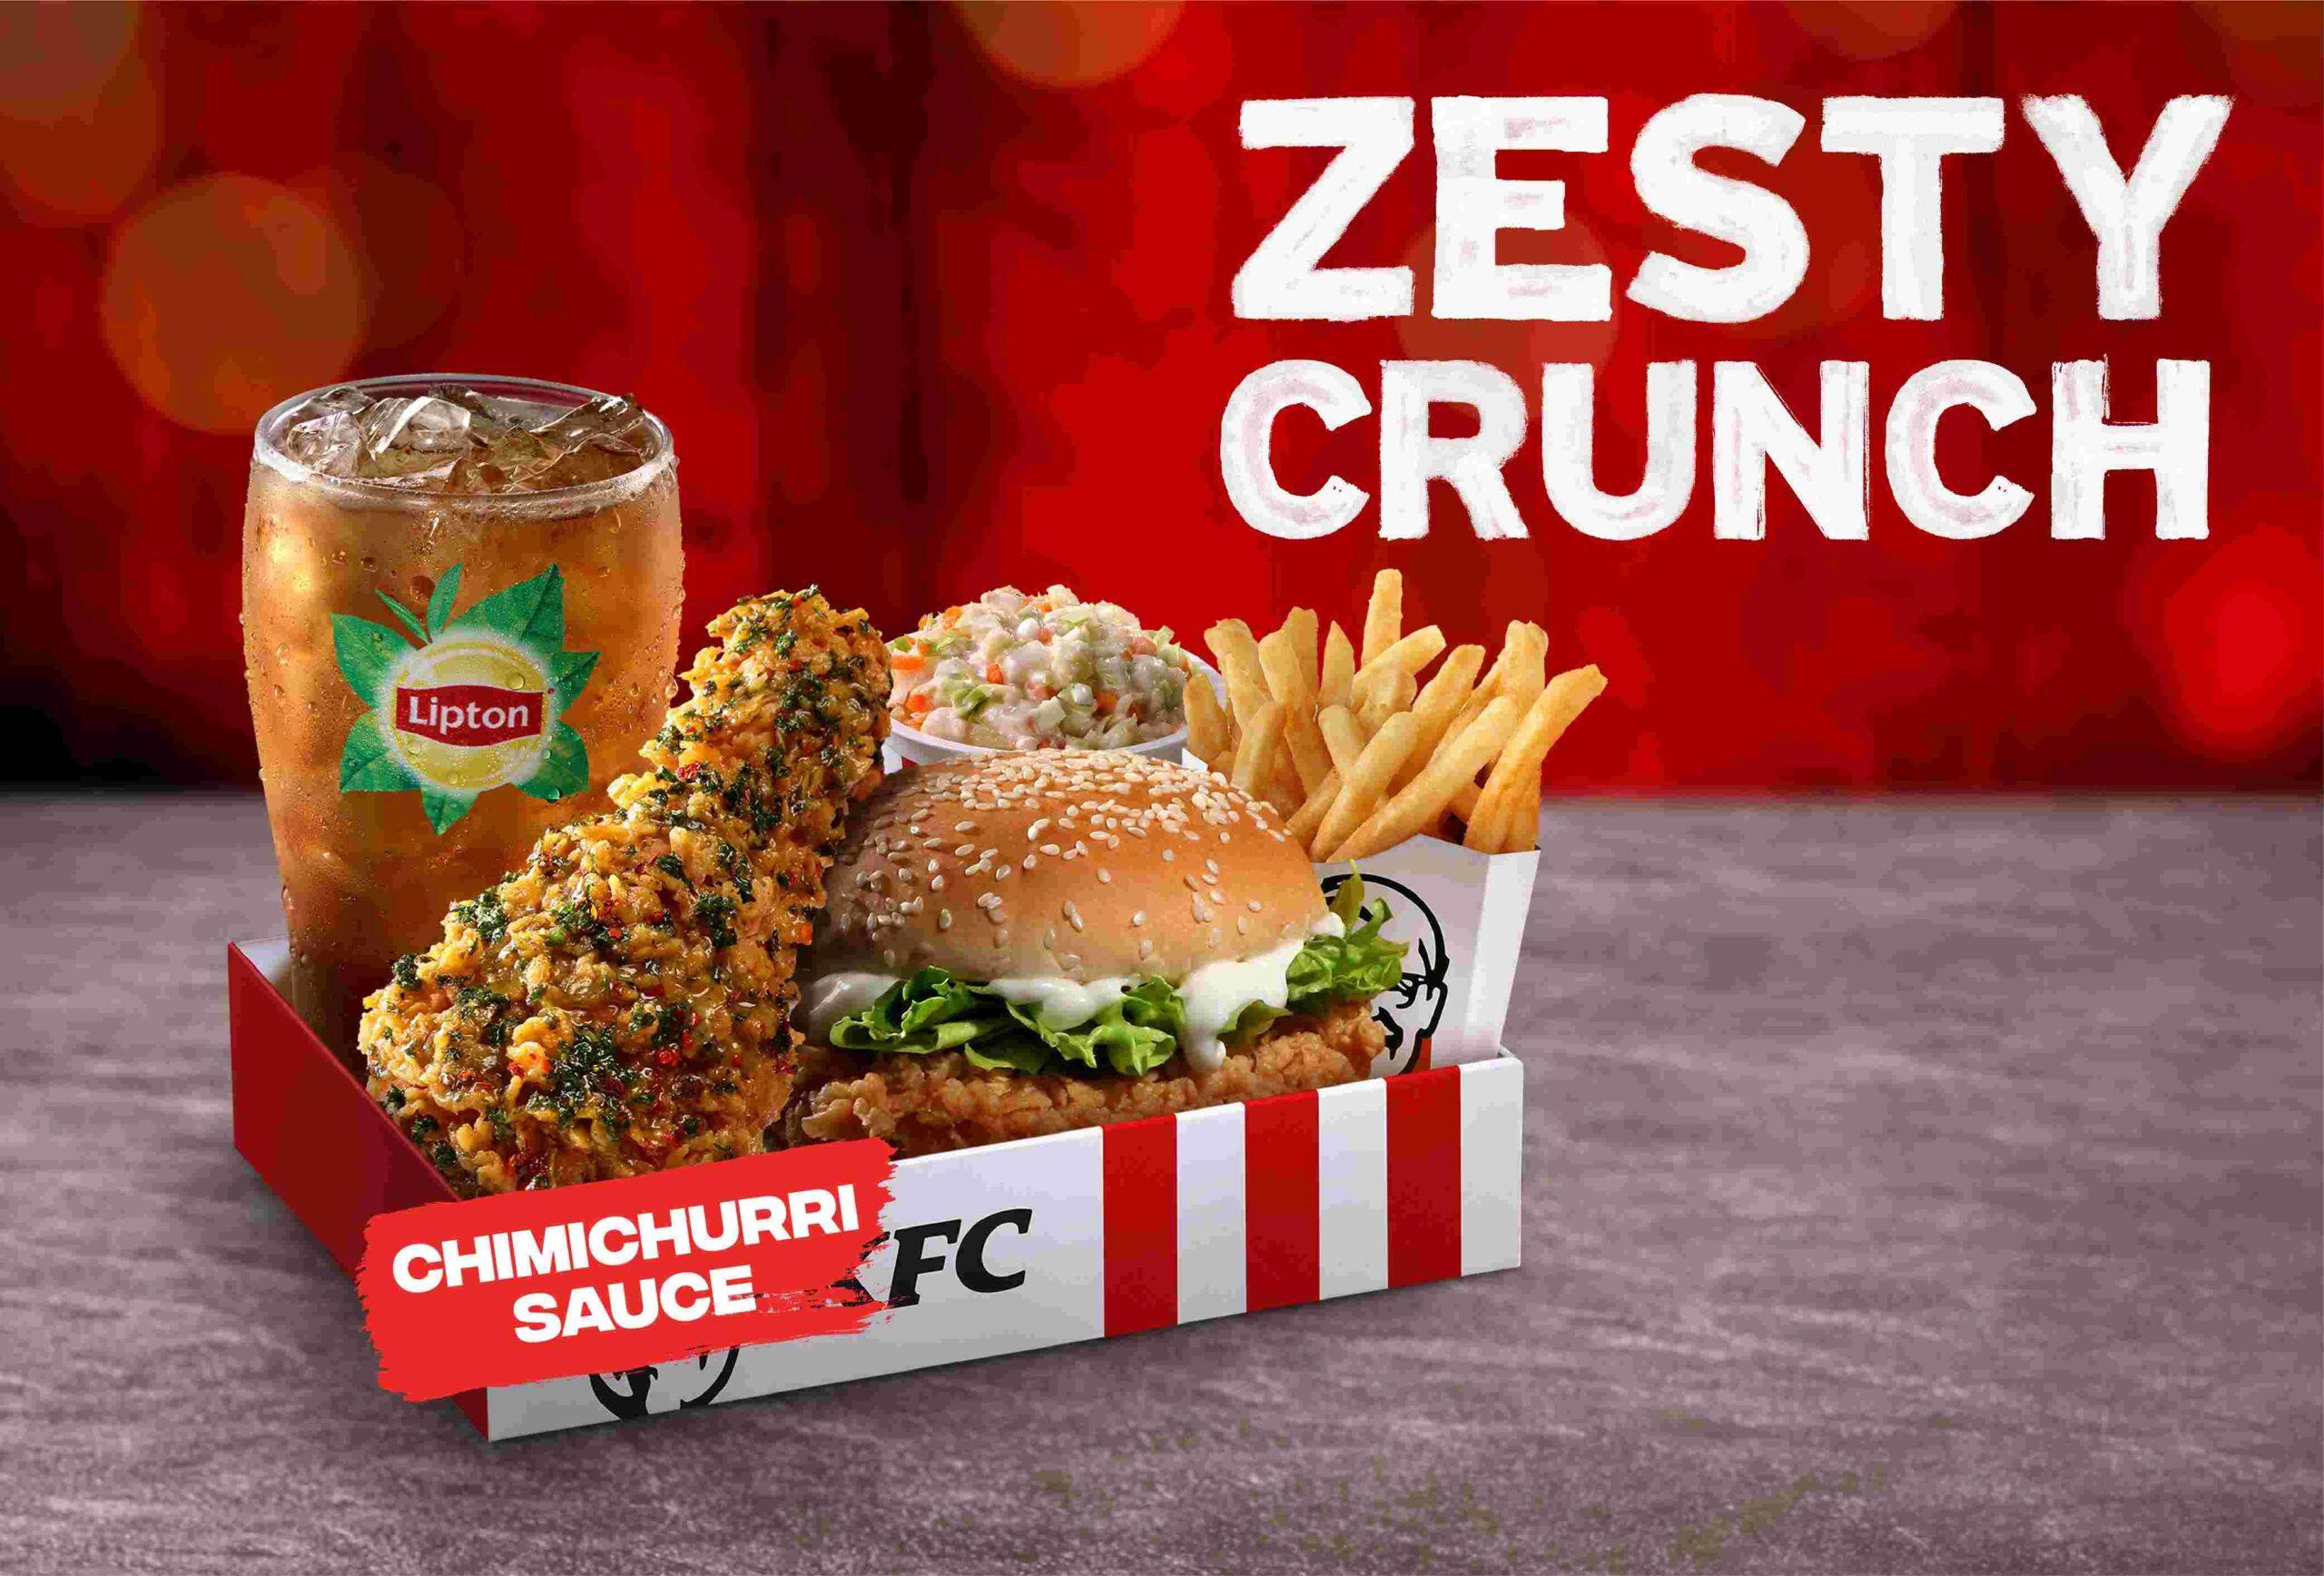 KFC Zesty Crunch